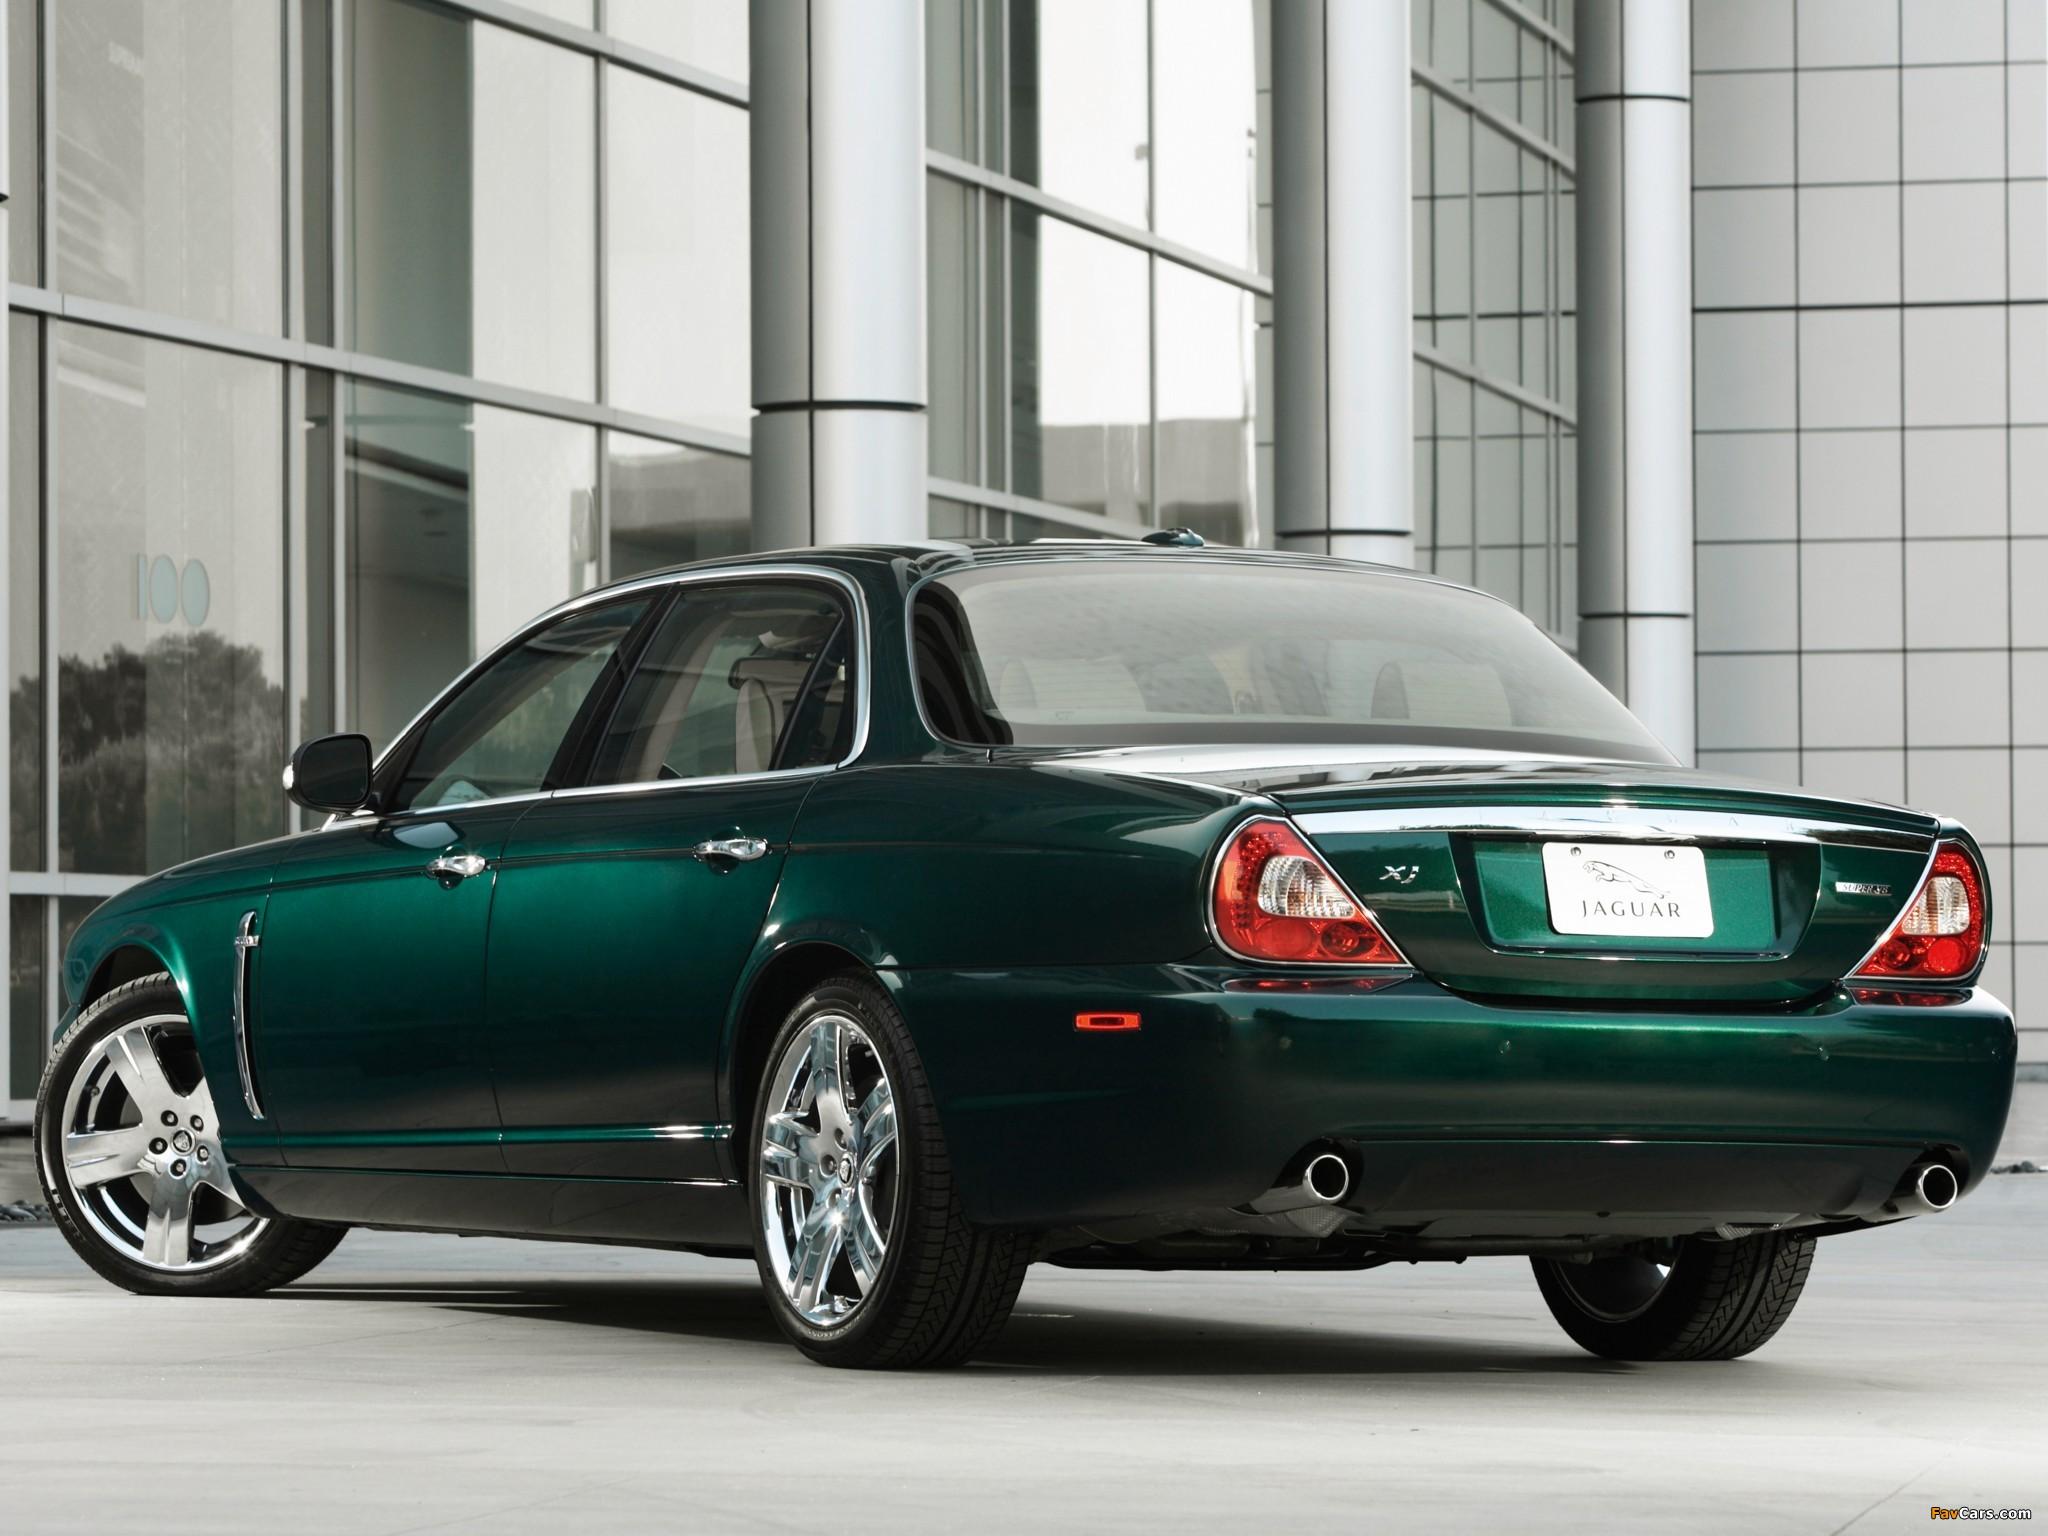 Jaguar XJ Super V8 (X358) 2007-09 images (2048x1536)